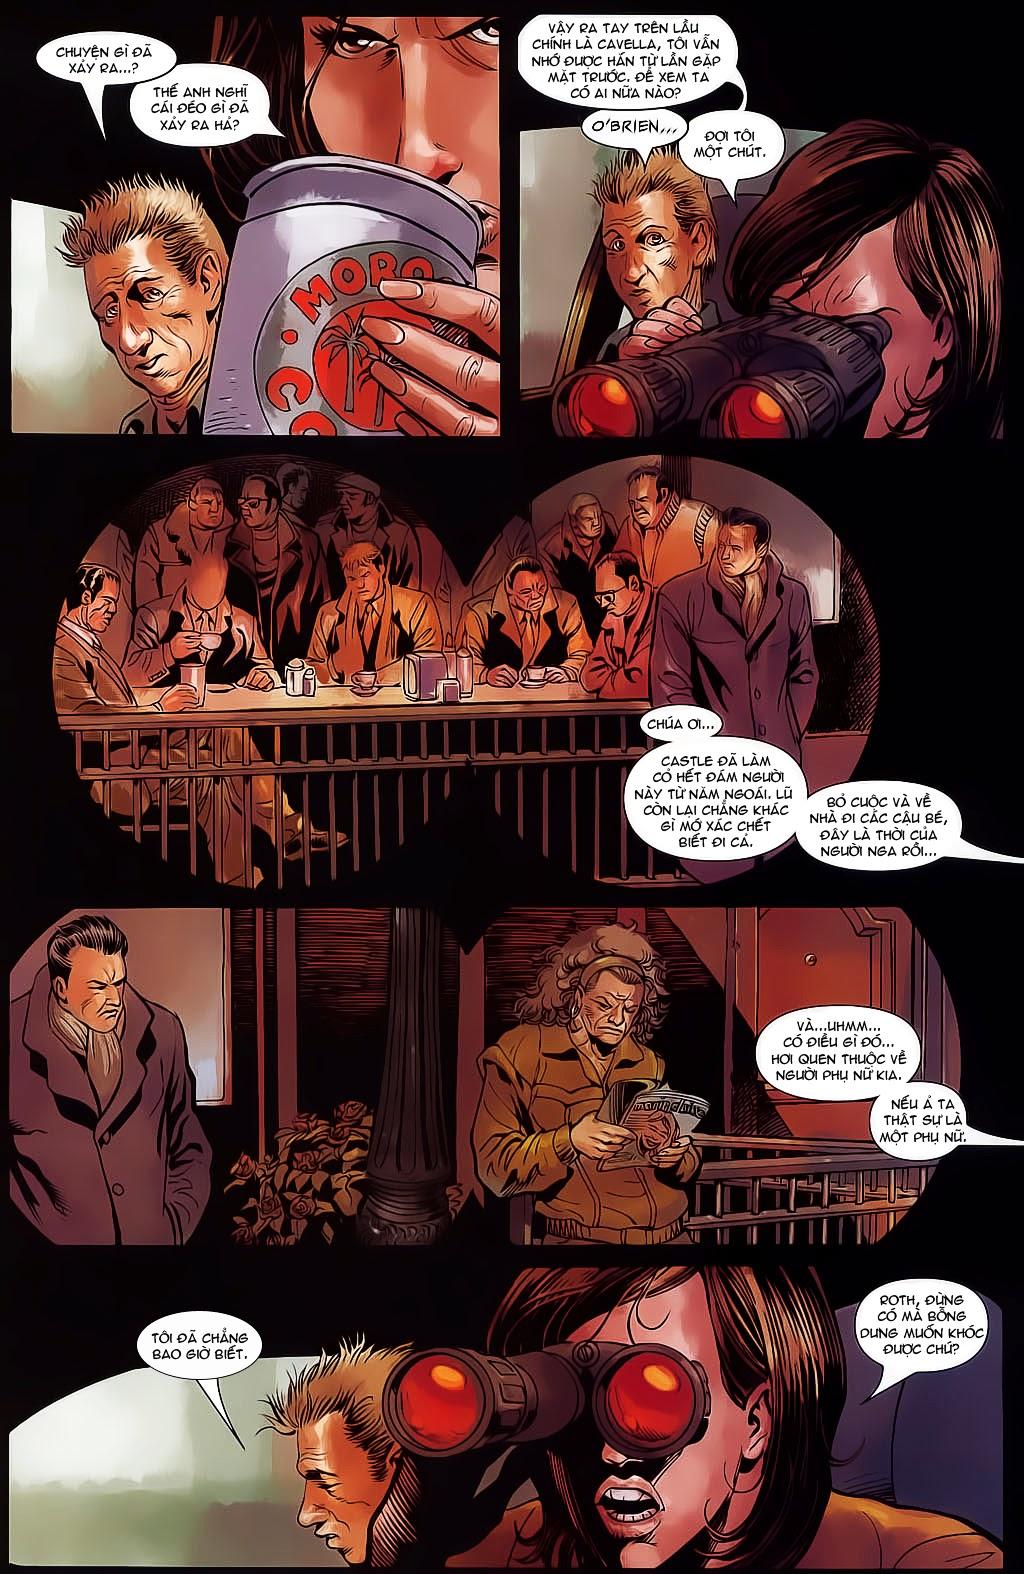 The Punisher: Trên là Dưới & Trắng là Đen chap 4 - Trang 12